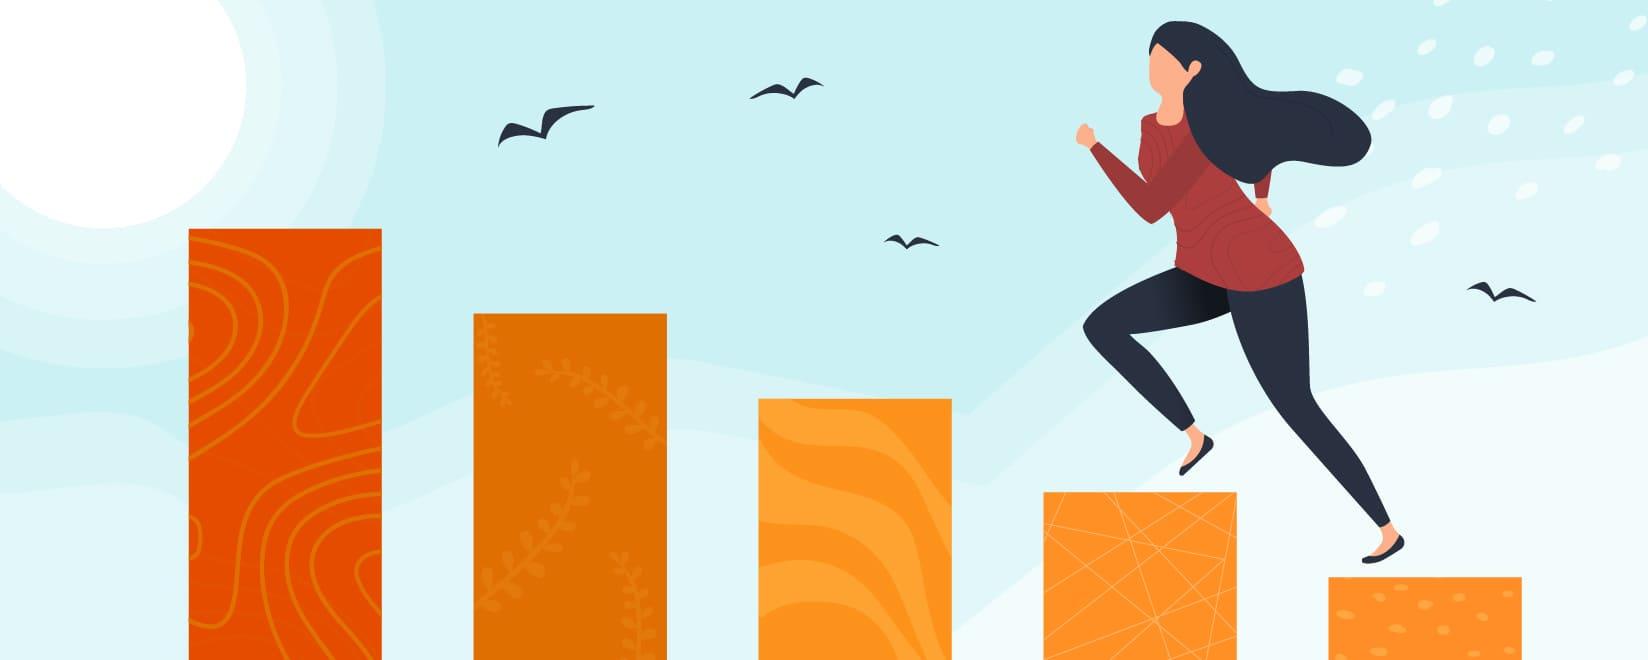 Hurma blog: 5 проблем в развитии HR специалиста